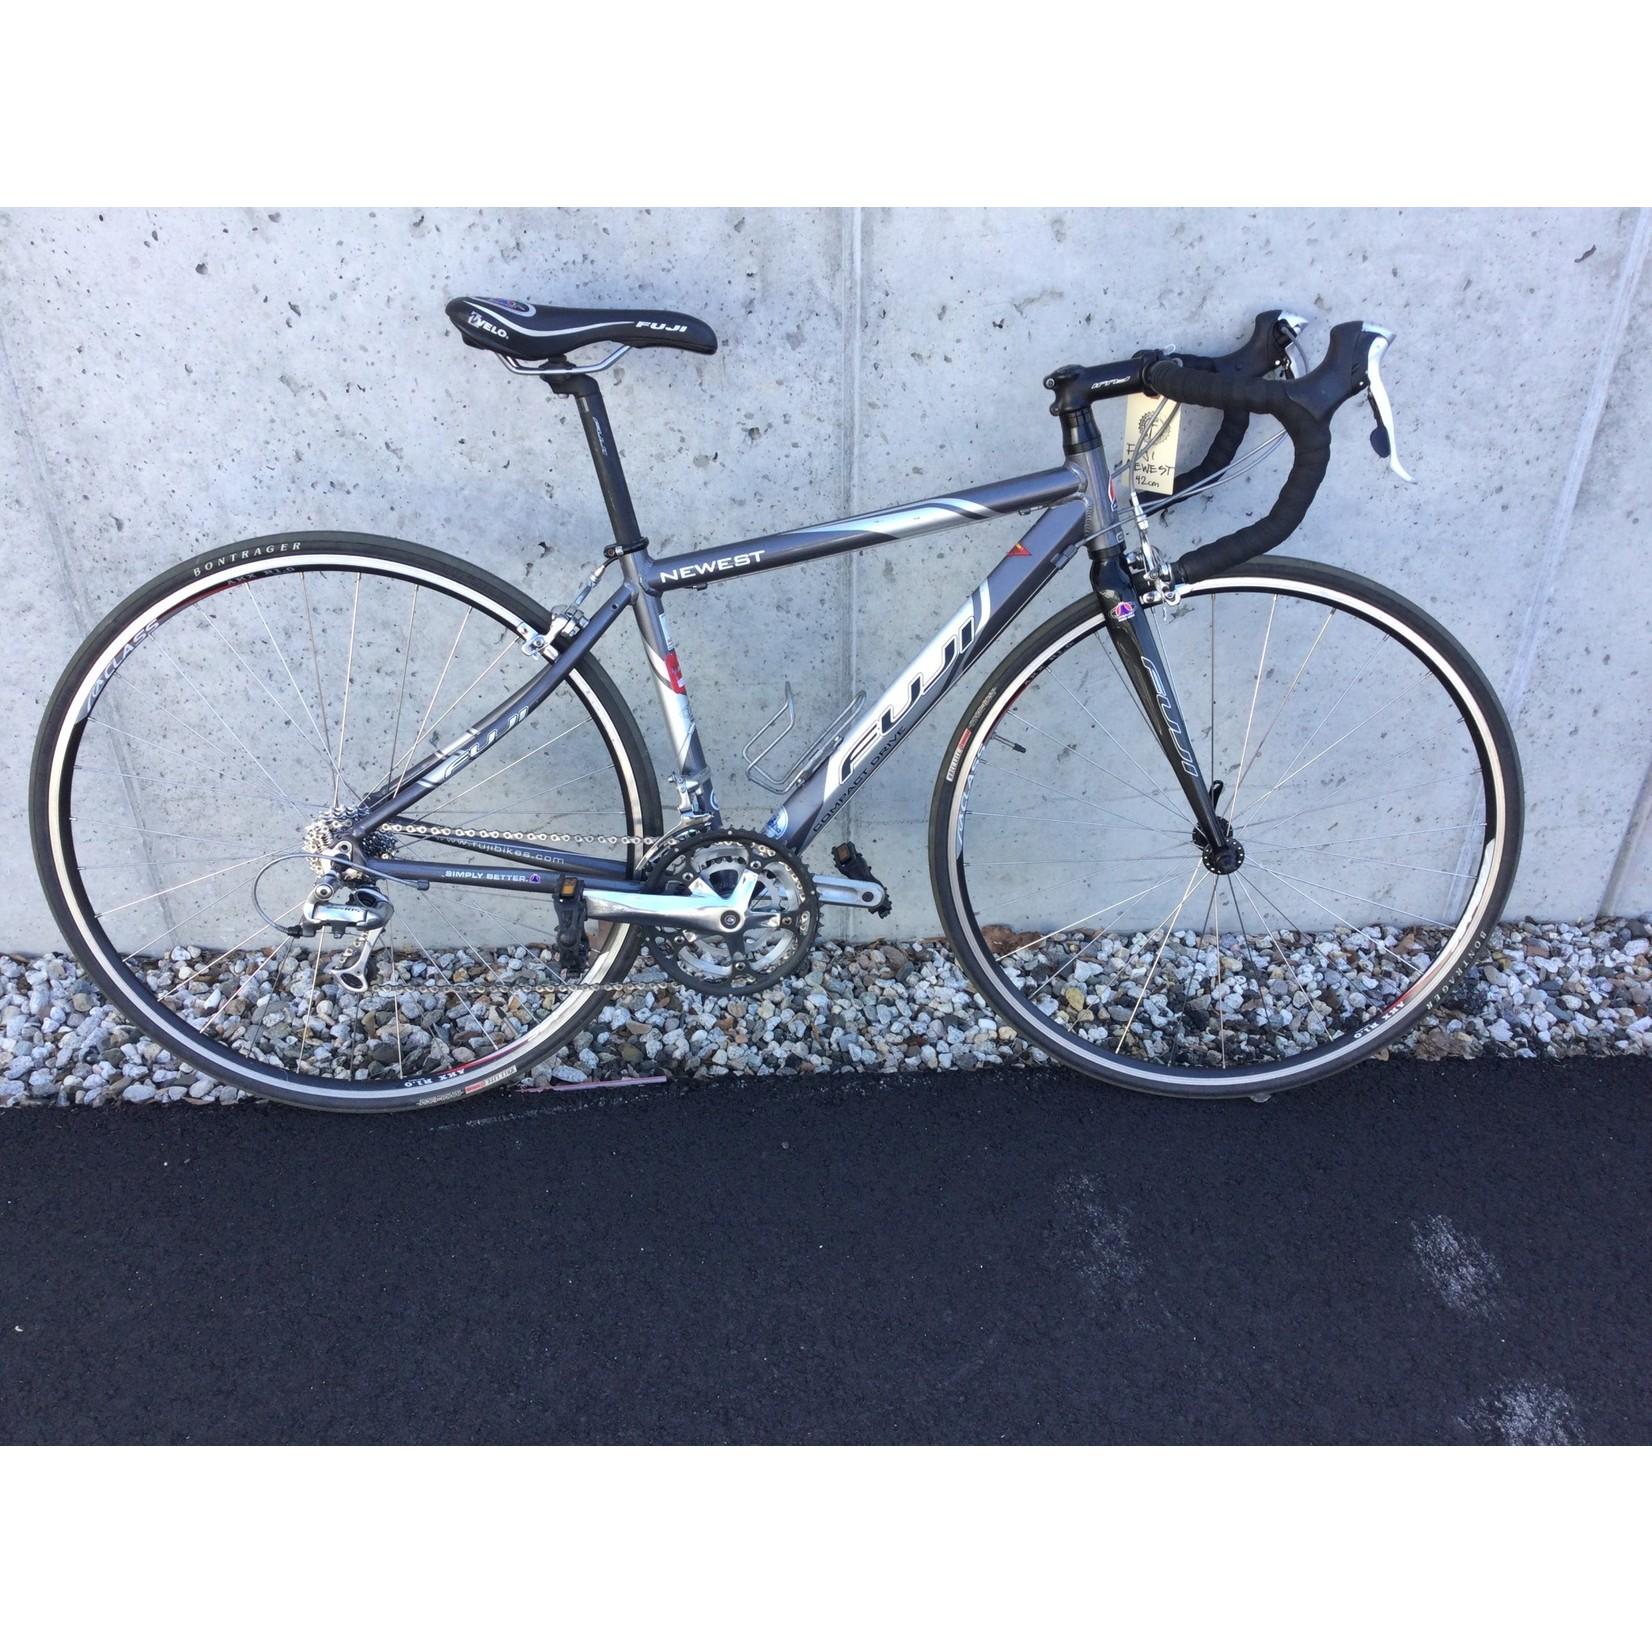 Portland Gear Hub Fuji Newest - 21103 - Grey - 42cm Frame - 700c Wheel